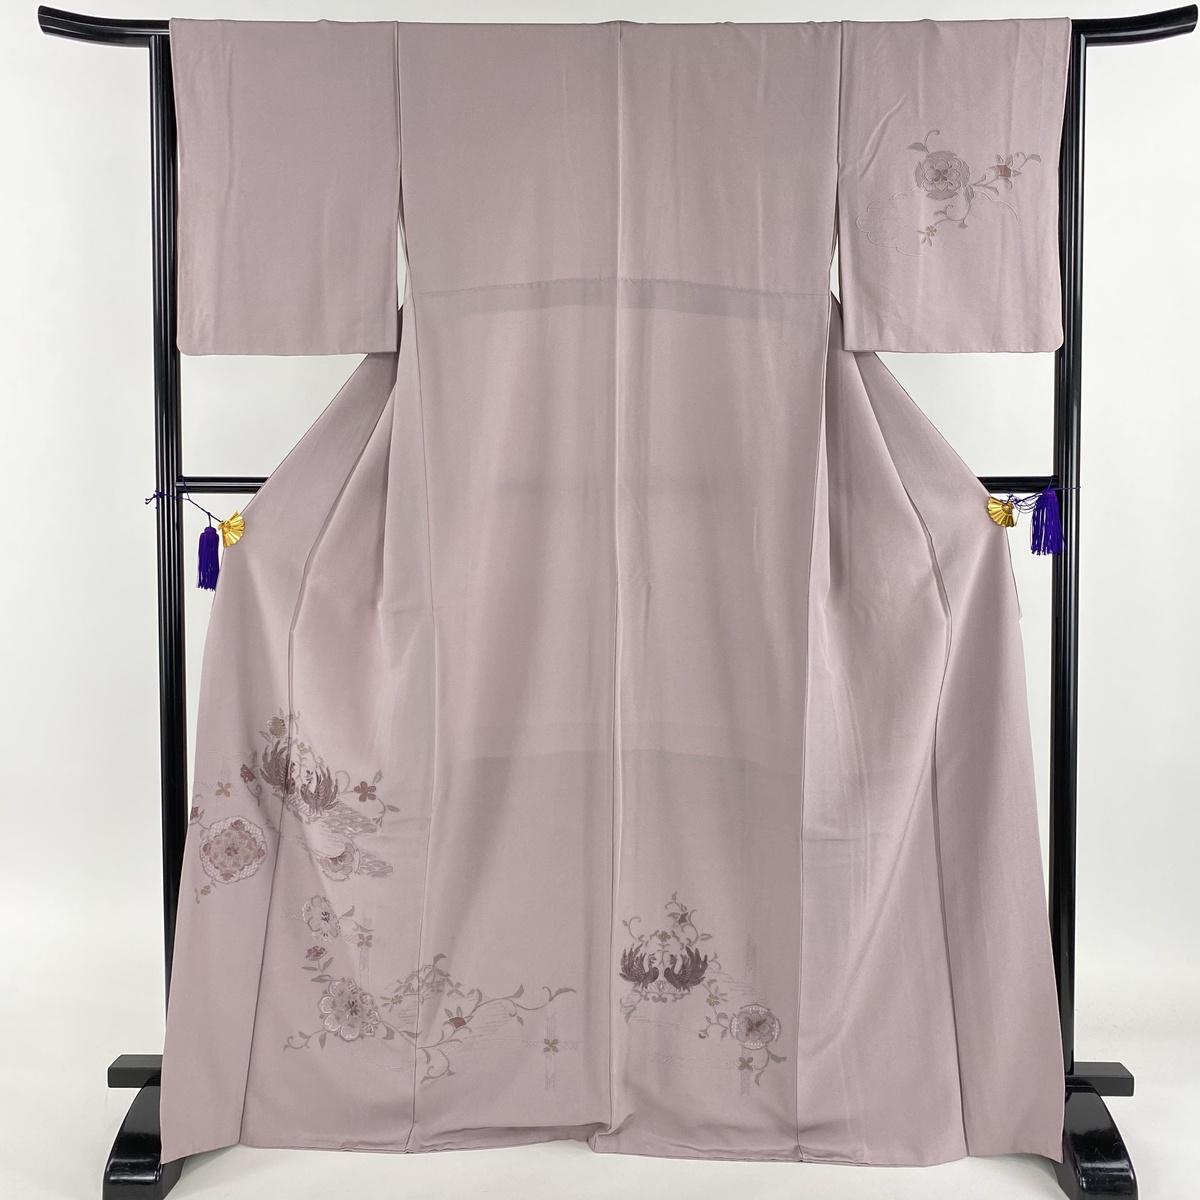 訪問着 美品 名品 向い鳳凰 華文 刺繍 汕頭刺繍 薄紫 袷 身丈169.5cm 裄丈65cm M 正絹 【中古】